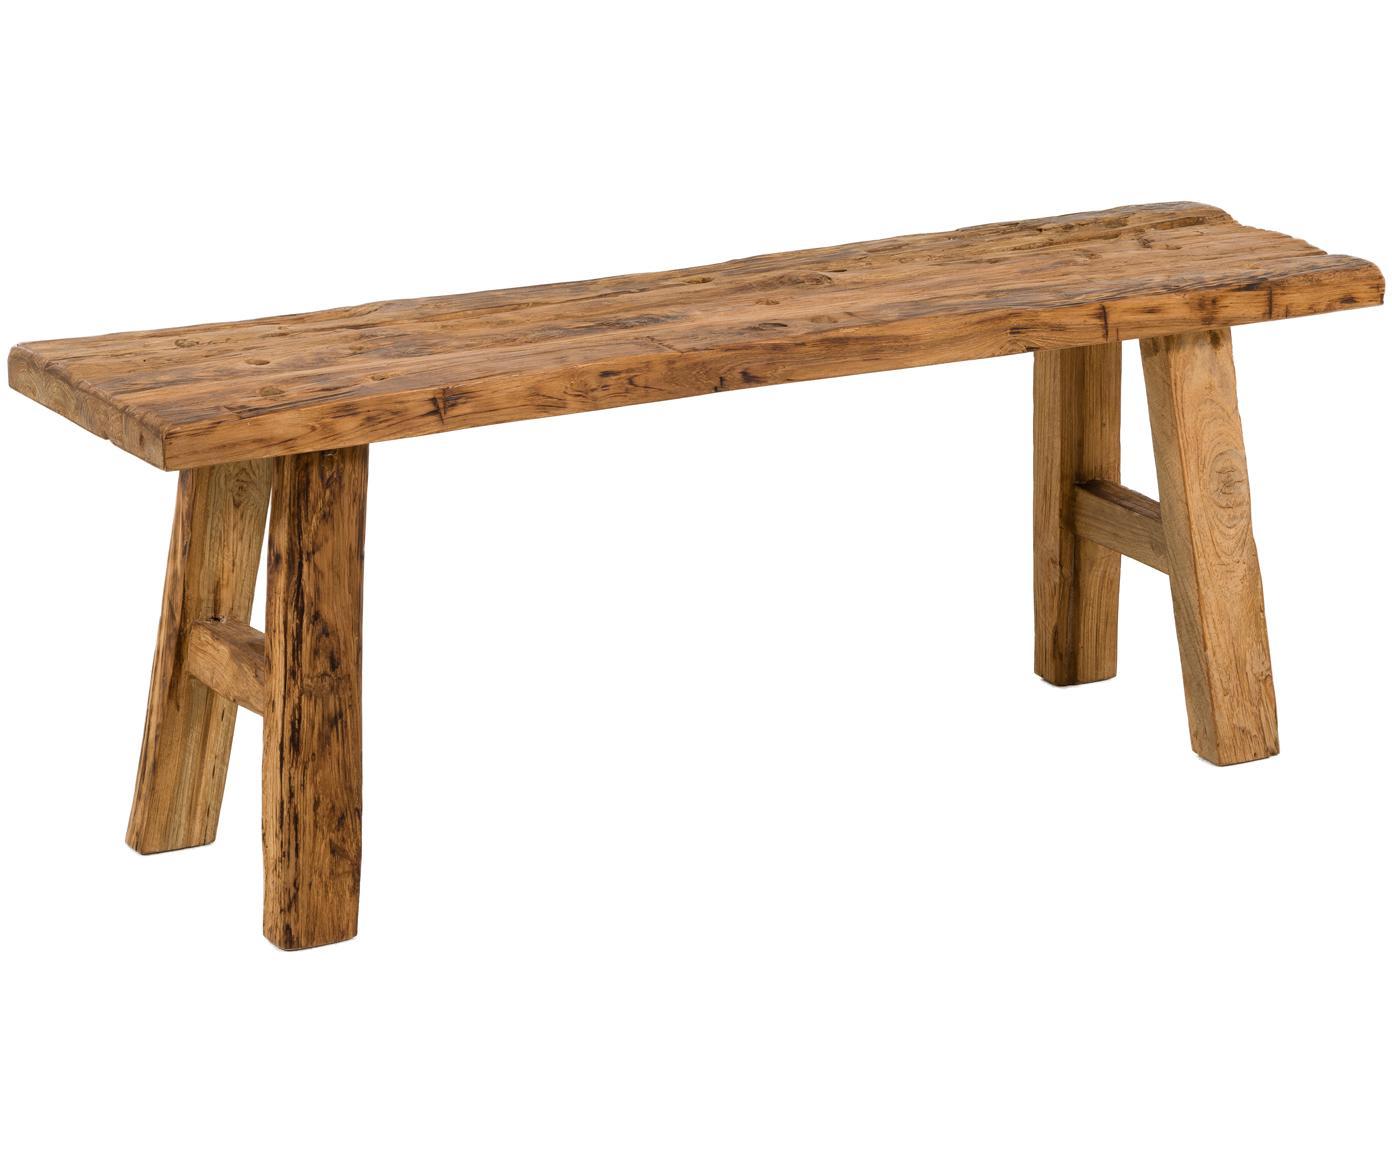 Ławka z litego drewna tekowego Decorative, Naturalne drewno tekowe, Drewno tekowe, S 120 x W 45 cm